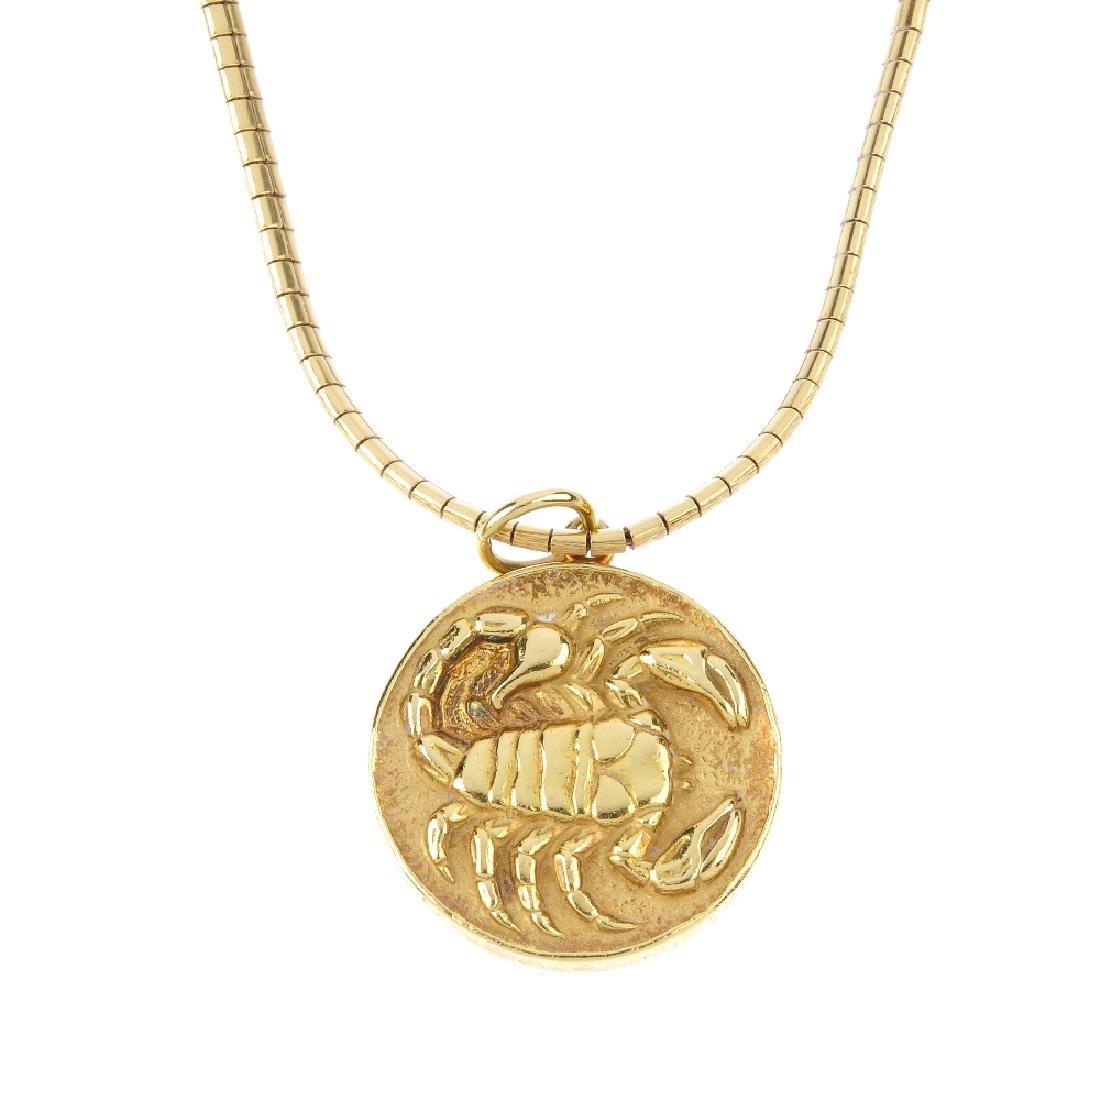 A 1970s 18ct gold 'Scorpio' zodiac pendant. The